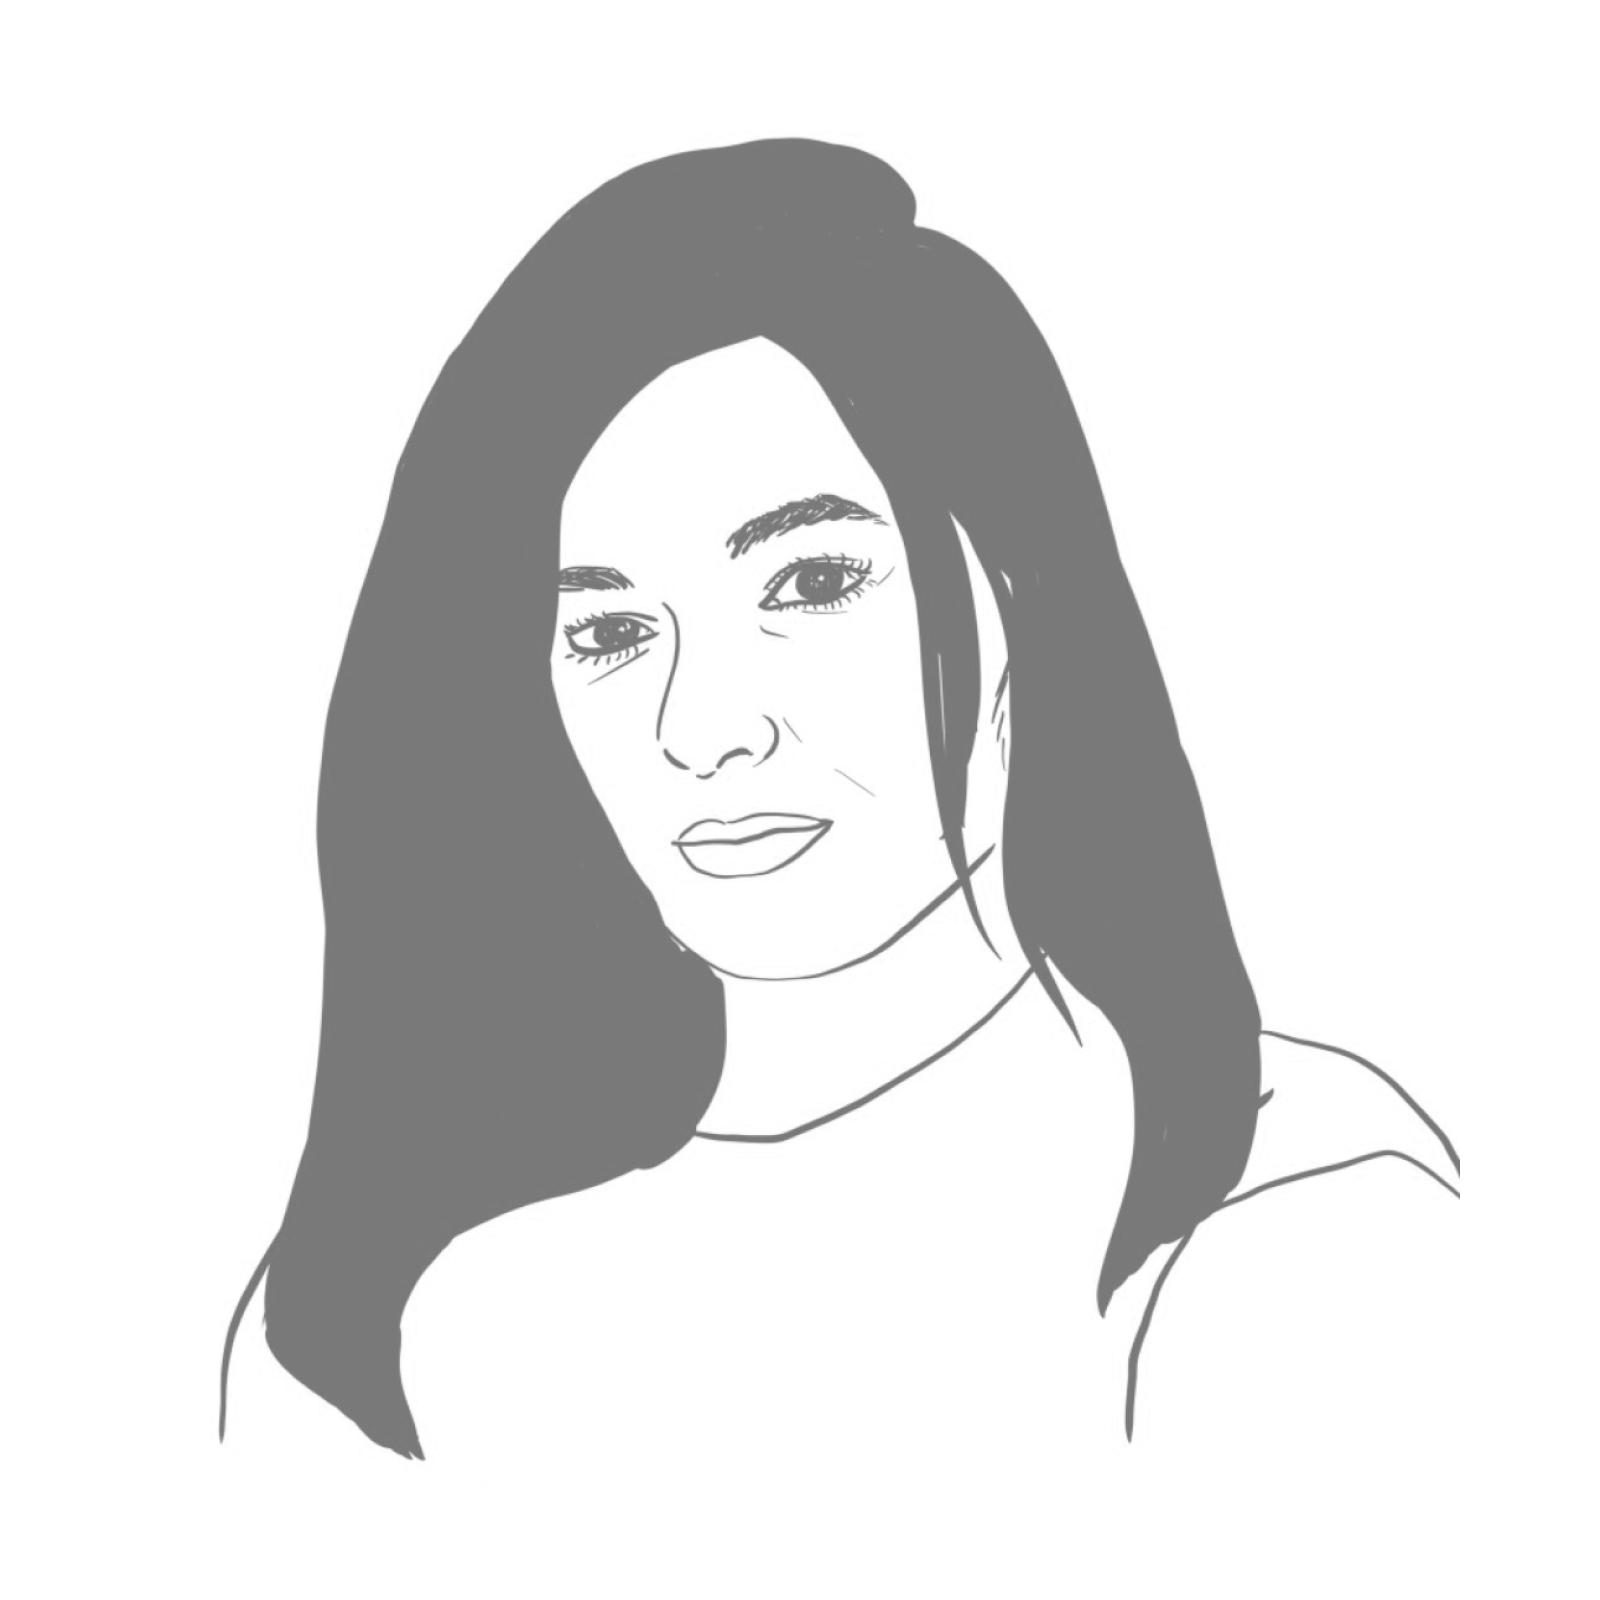 Geschäftsführerin Karin über ihre Gebärmutterhalskrebs Erkrankung